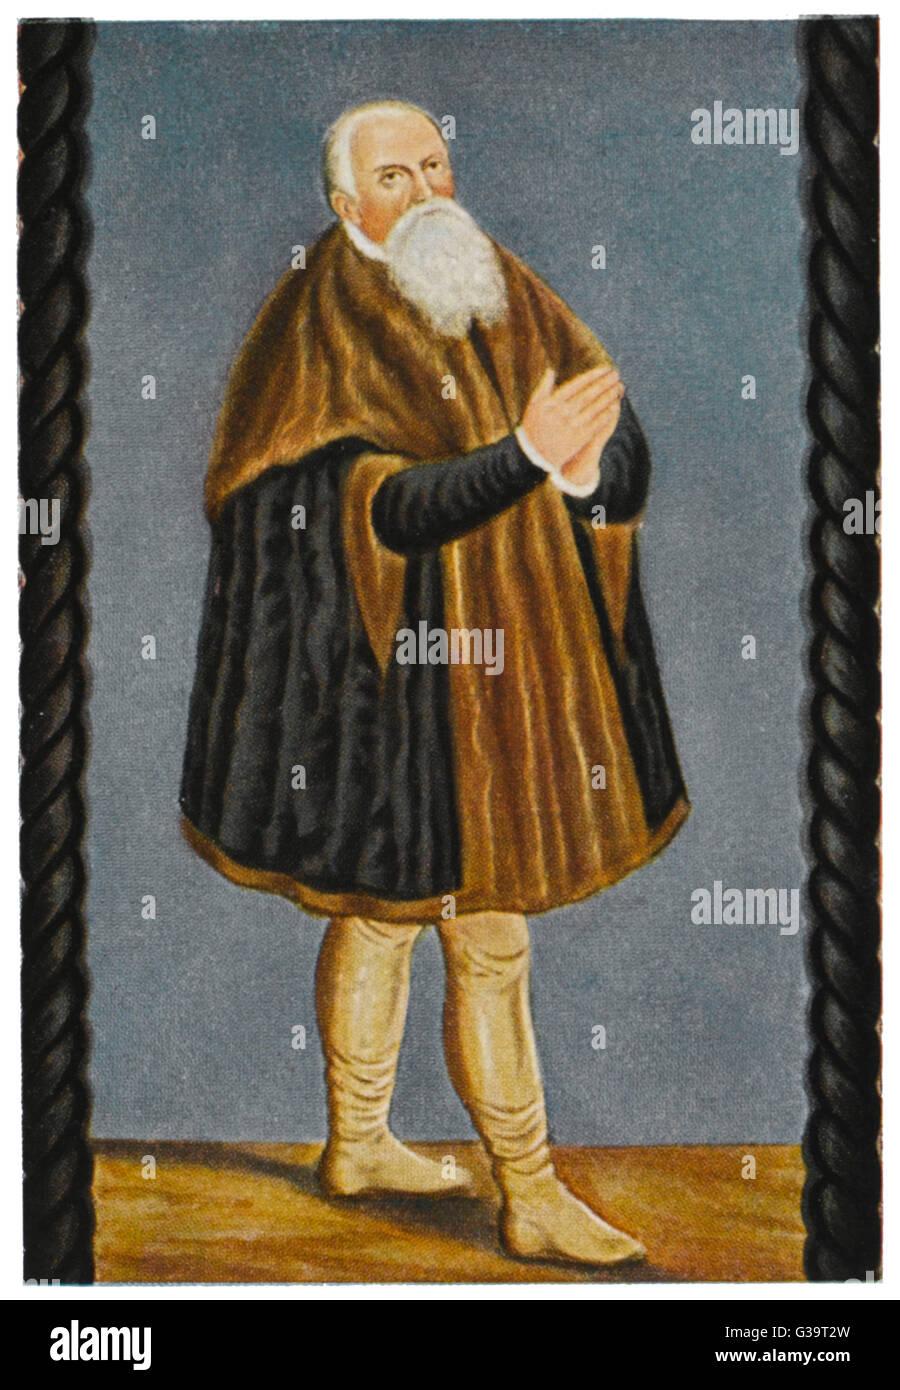 LUCAS CRANACH, deutscher Maler, Kupferstecher und Holzschnitt Designer Datum: 1472-1553 Stockbild